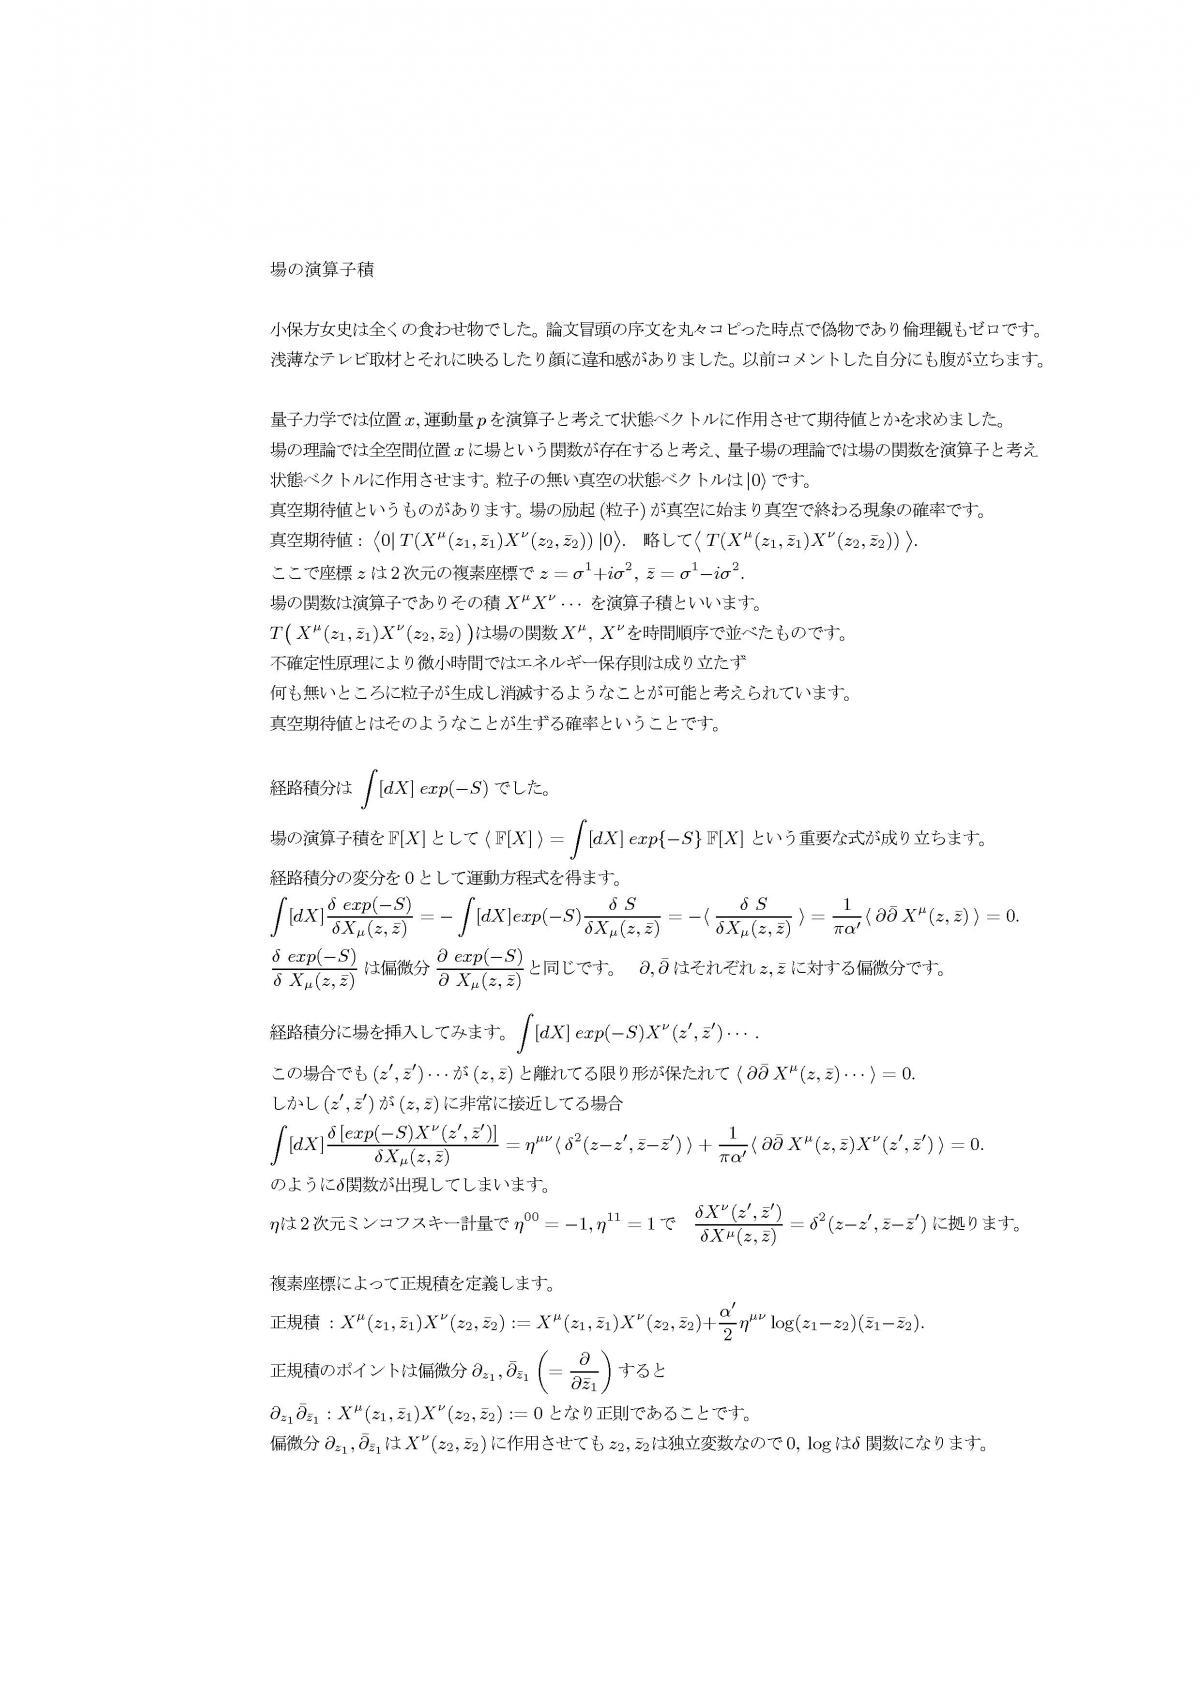 pgen07c.jpg